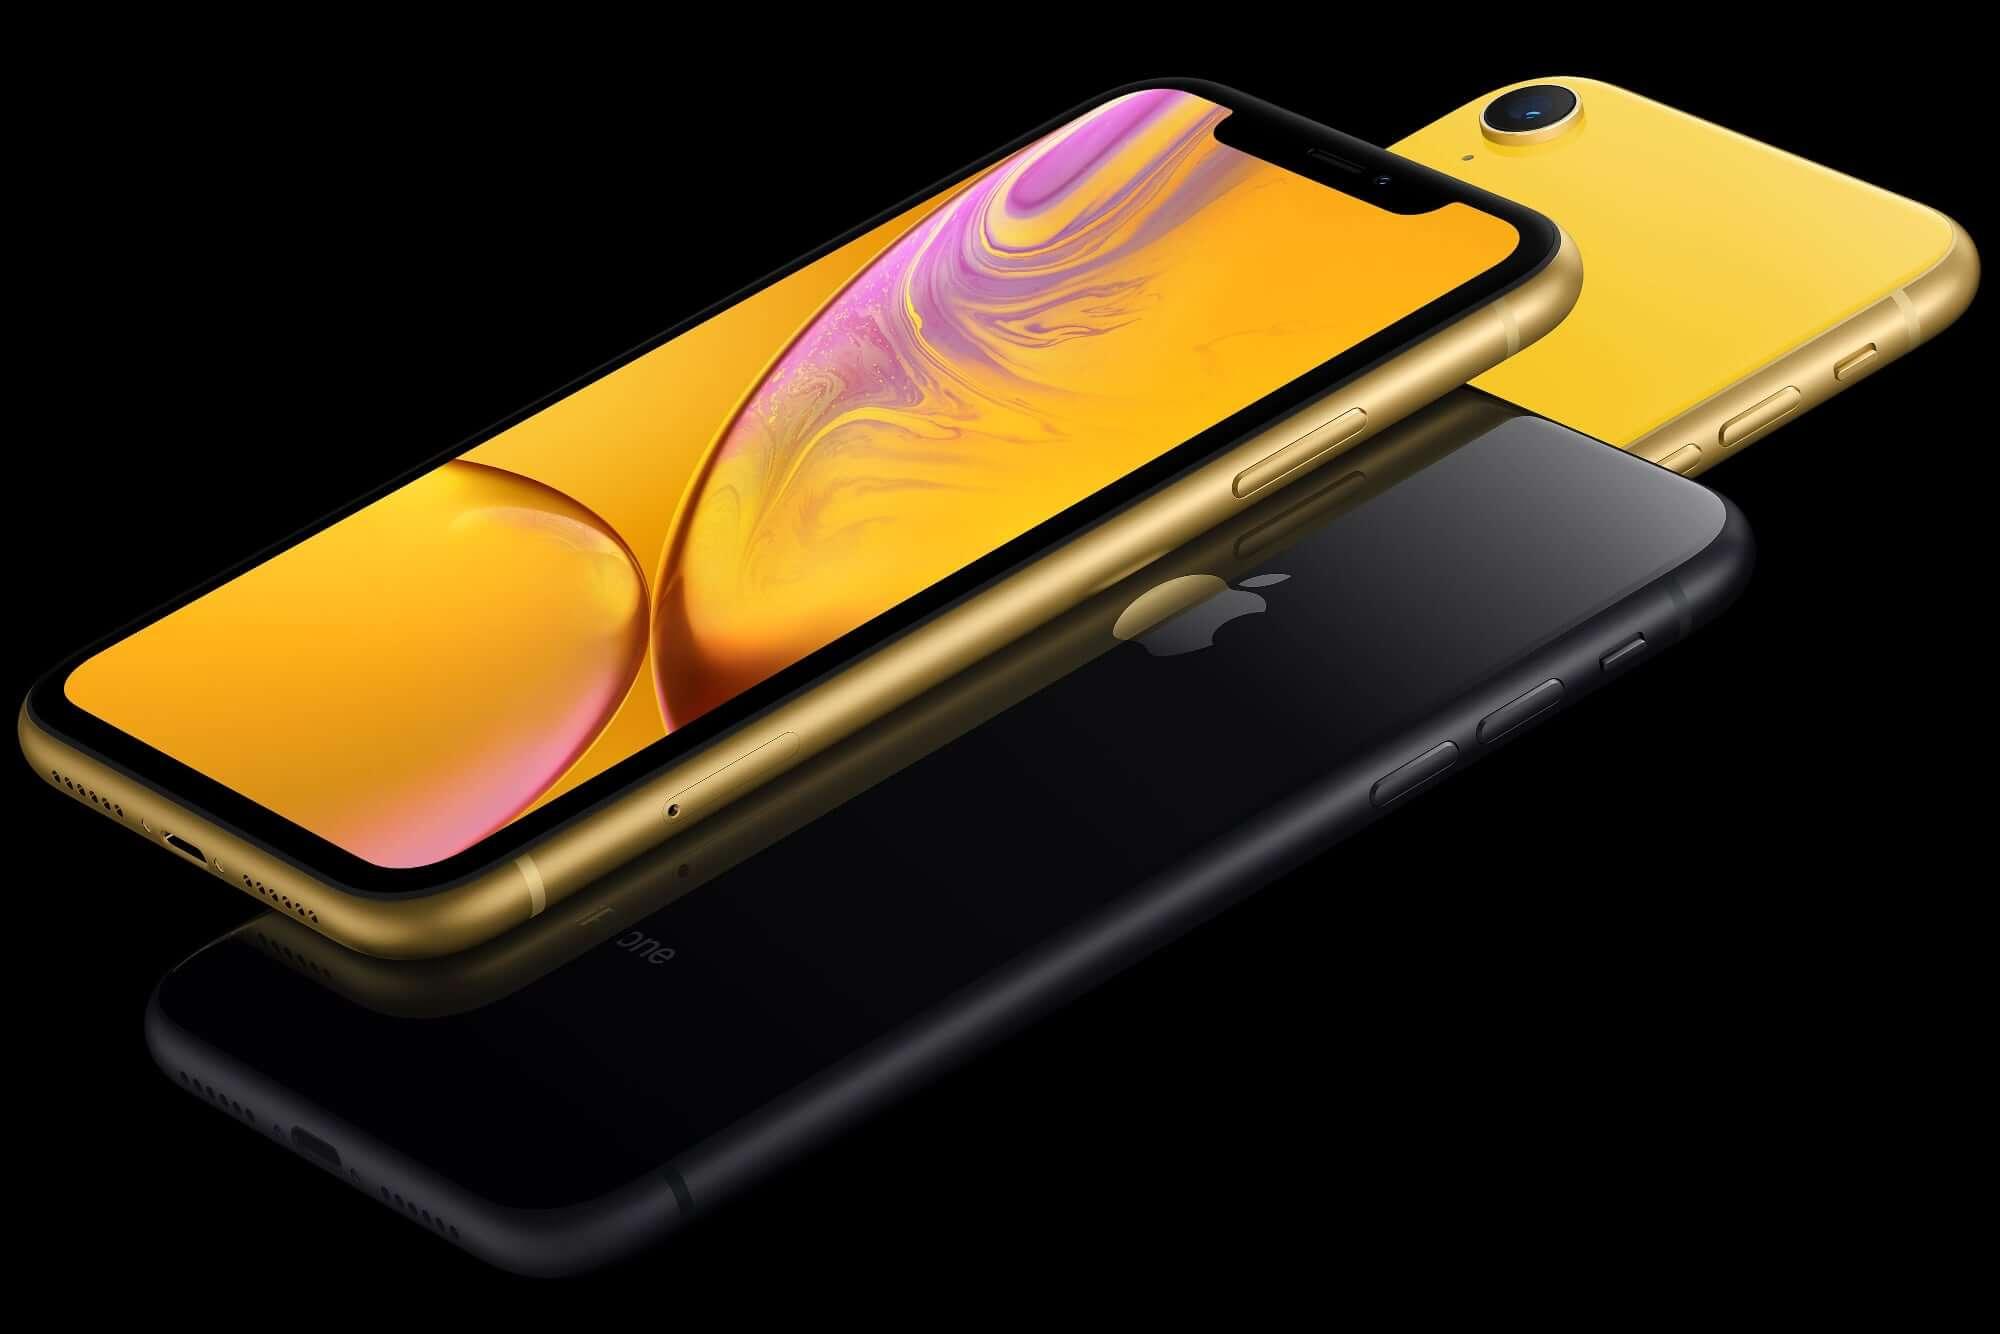 iPhone 11, iPhone XR и iPhone 8_какой из iphone выбрать - дисплей iPhone XR